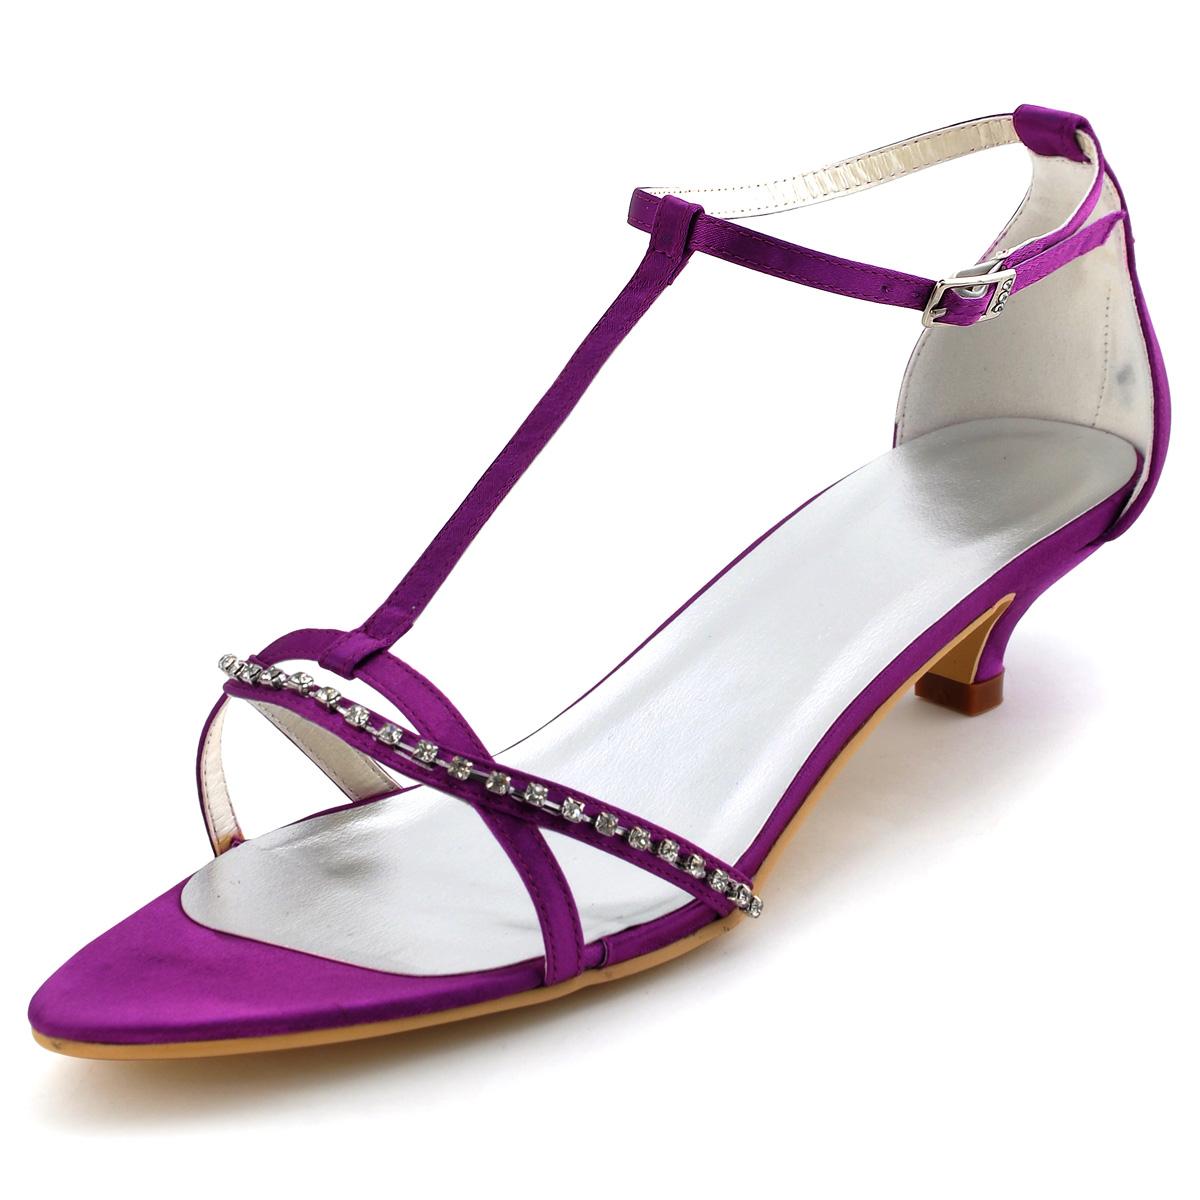 chaussures de soir e a talons bas ouvert en satin orteil chaussures de mariage chaine de diamant. Black Bedroom Furniture Sets. Home Design Ideas